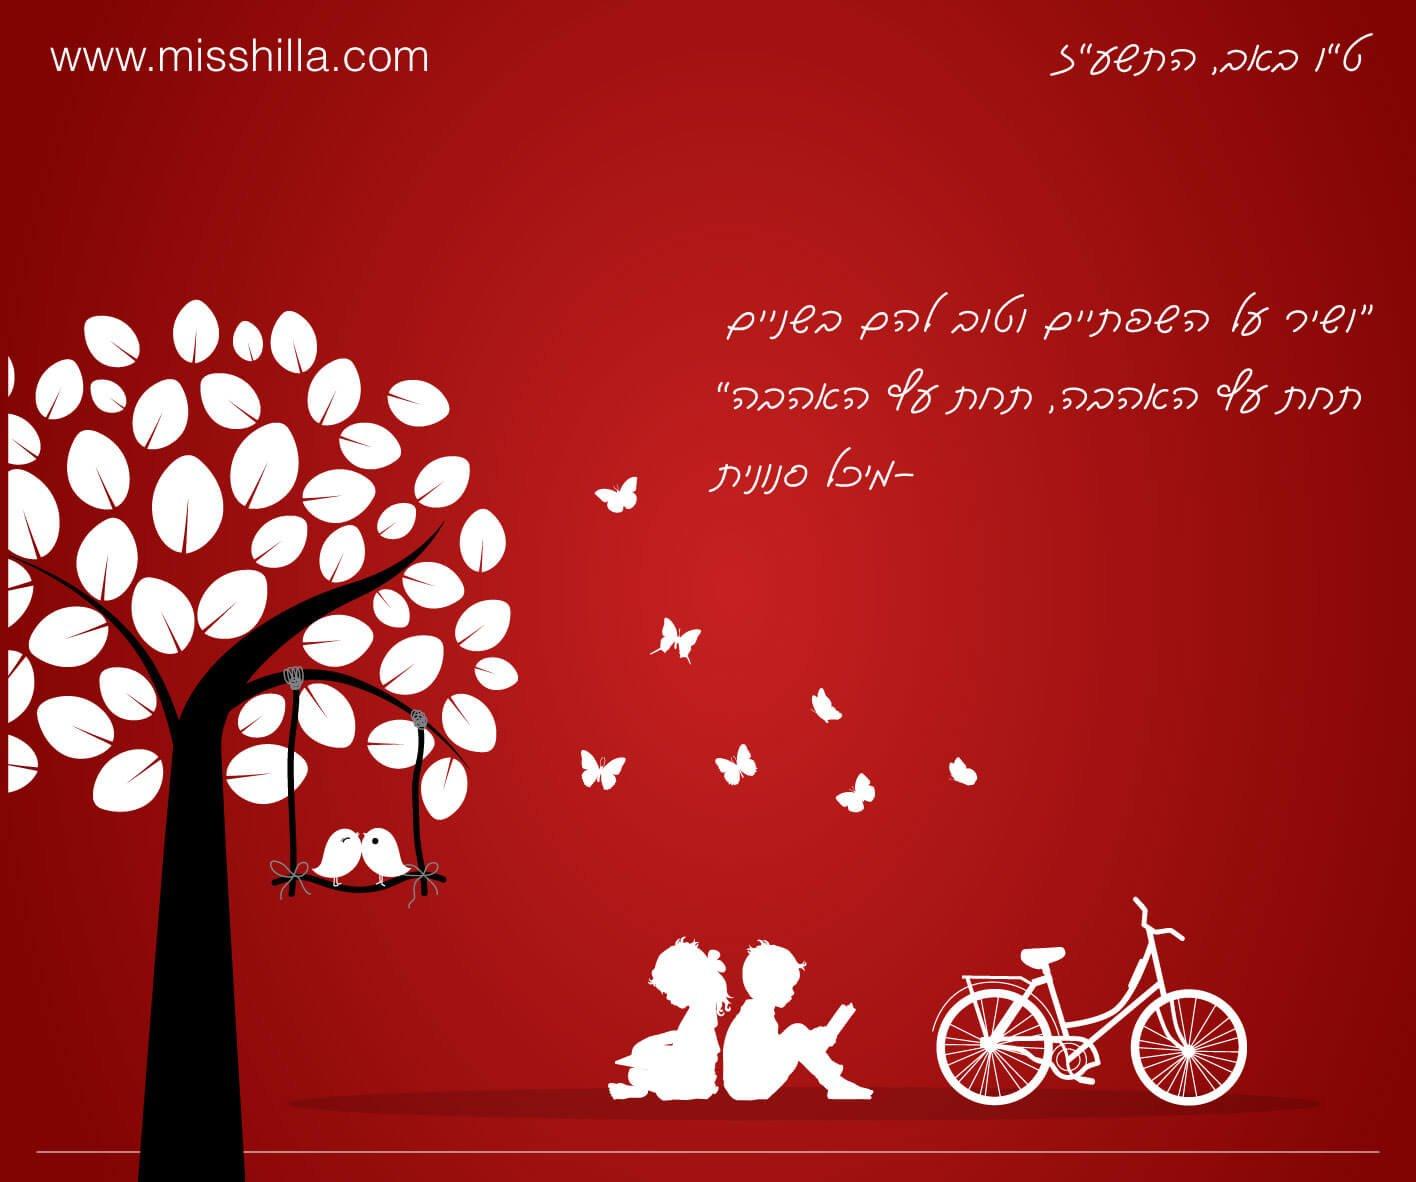 """ברכה מעוצבת לט""""ו באב מגזרת נייר לבנה על רקע אדום של עץ עם ציפורים ושני ילדים יושבים גב אל גב ואופניים לידם עם פרפרים ברקע ומעל רשום שיר אהבה"""